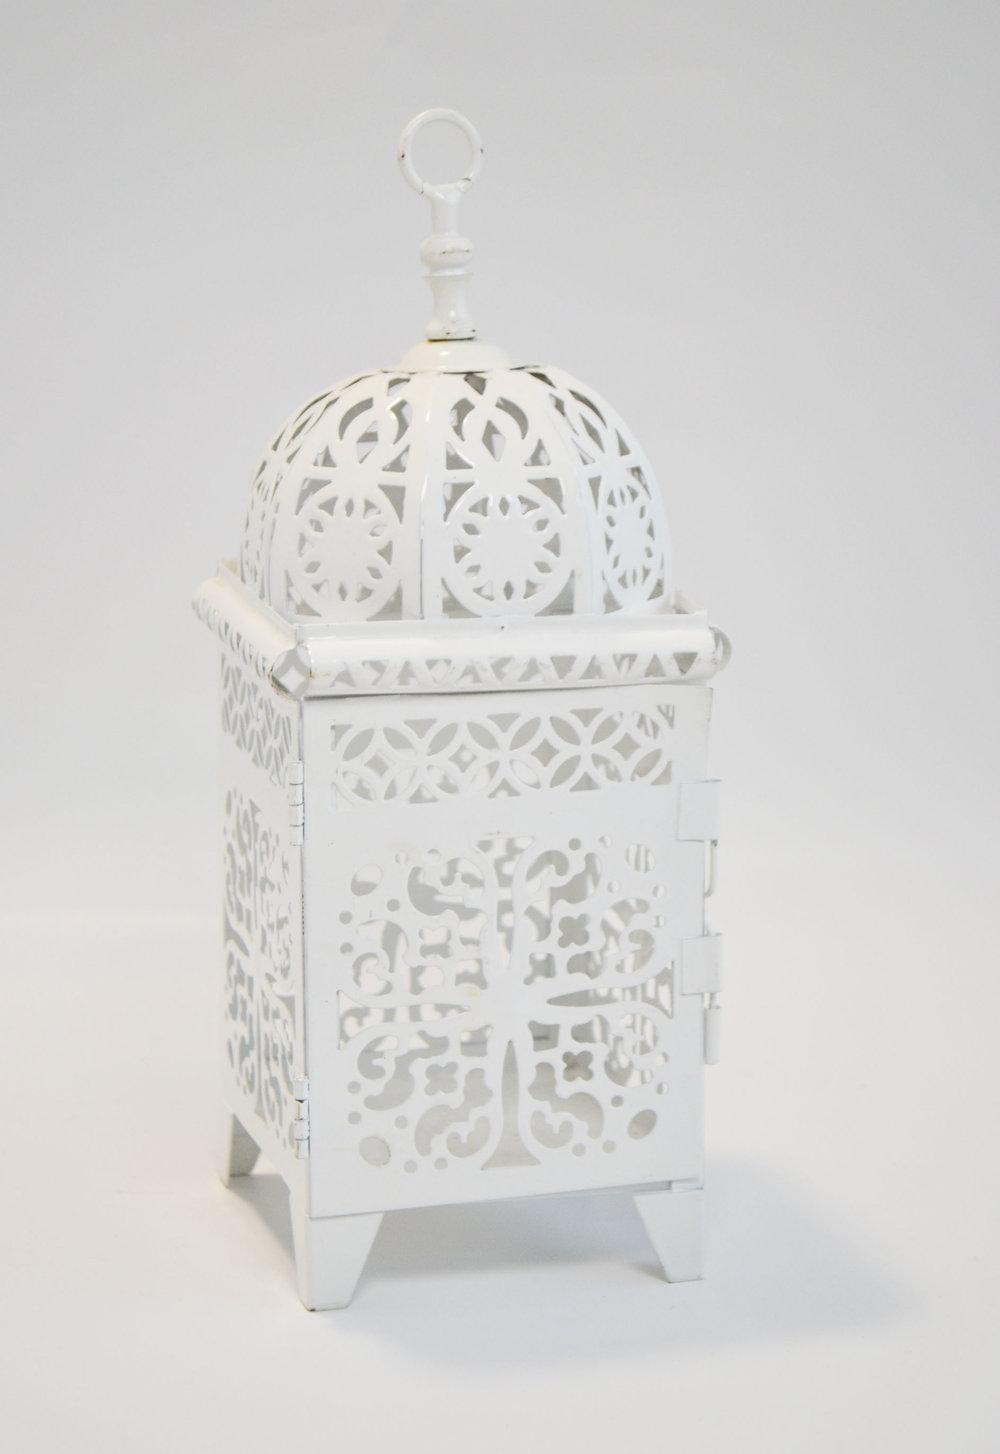 white moroccan lantern   Quantity: 23  Price: $12.00